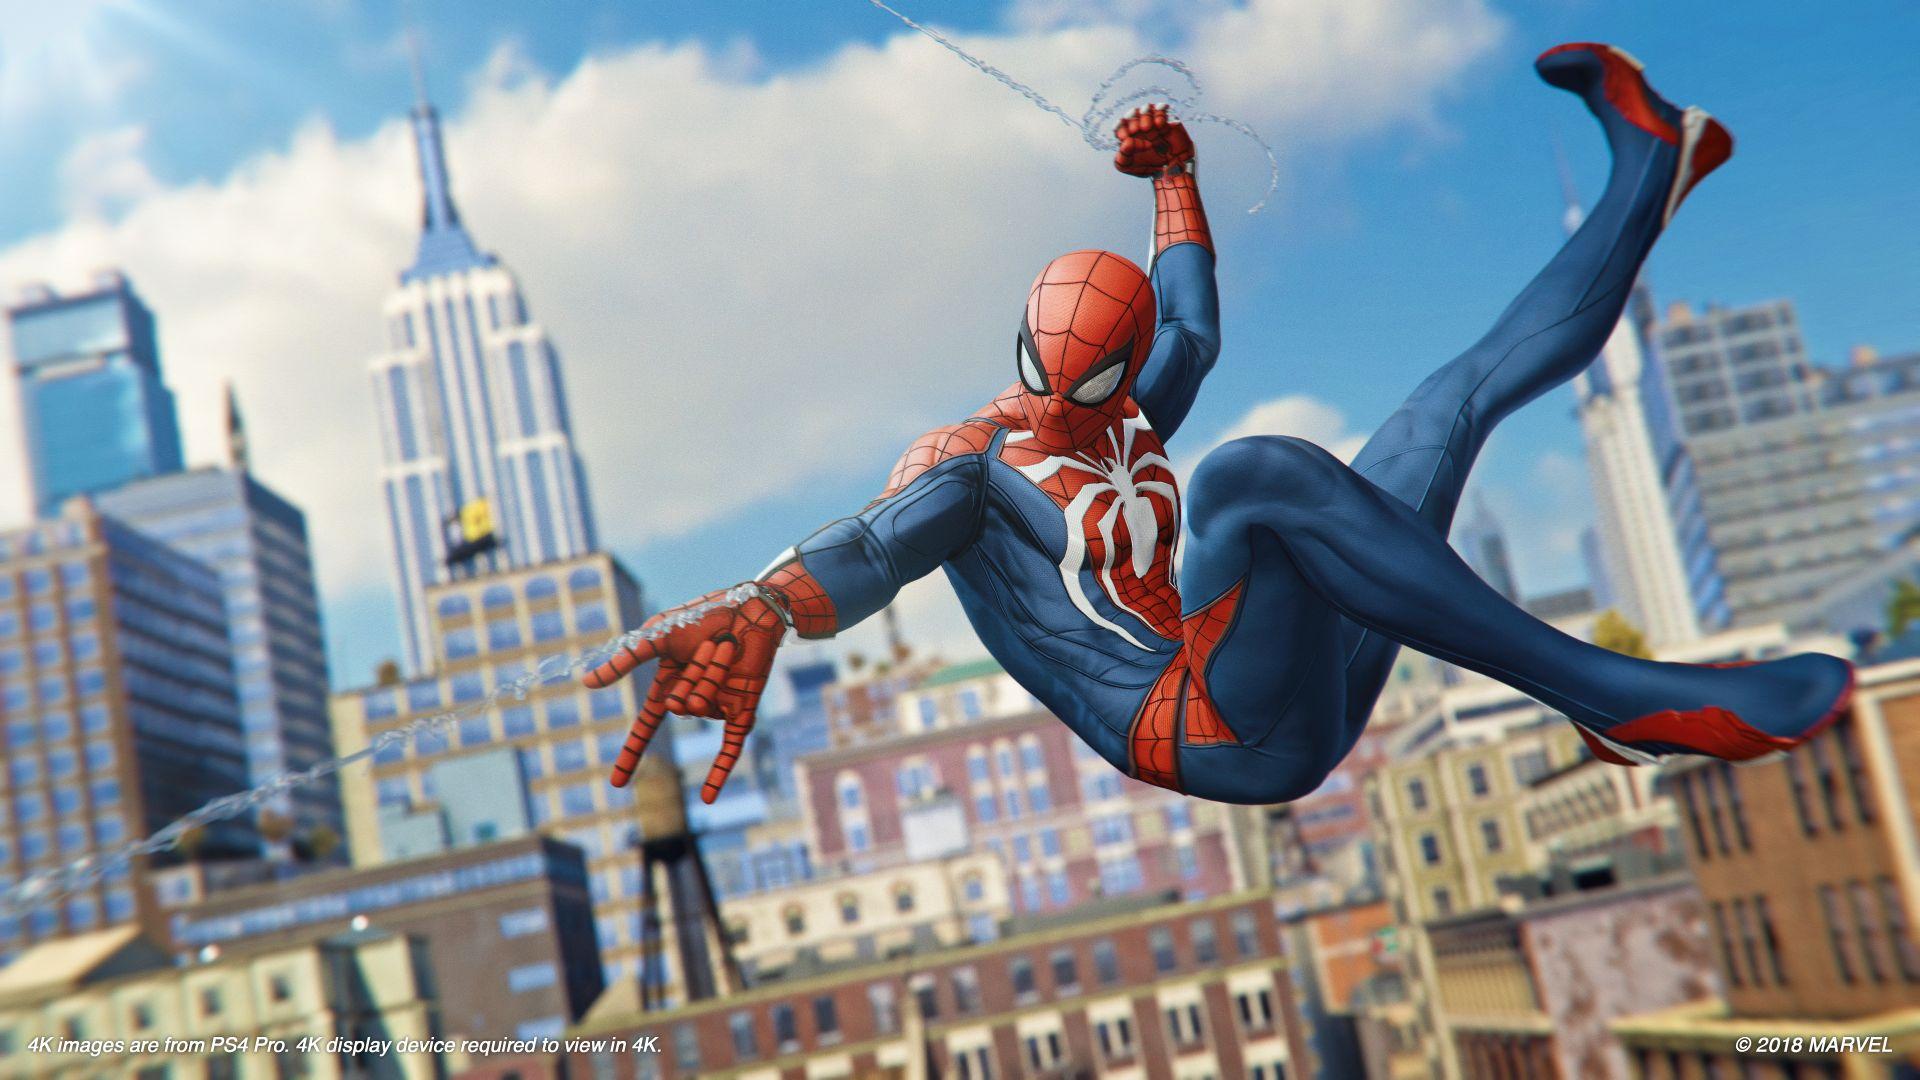 Posiadacze gry Spider-Man na PlayStation 4 nie otrzymają za darmo wersji na PS5